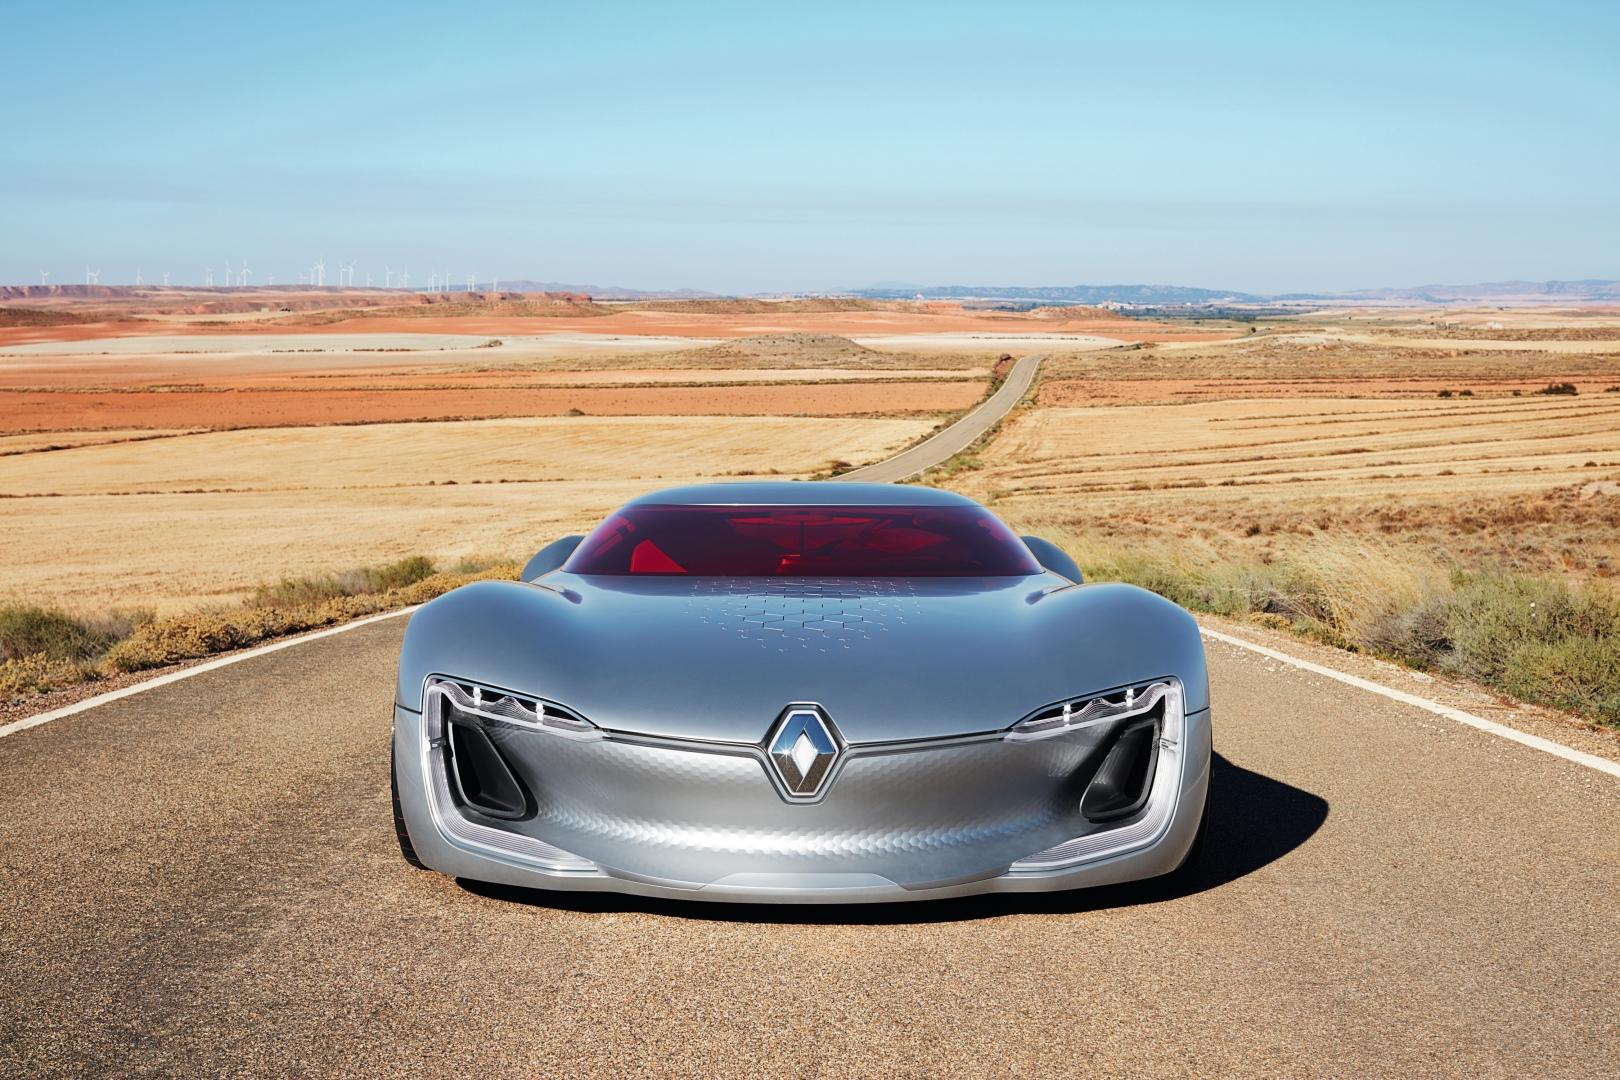 Renault_82888_global_en